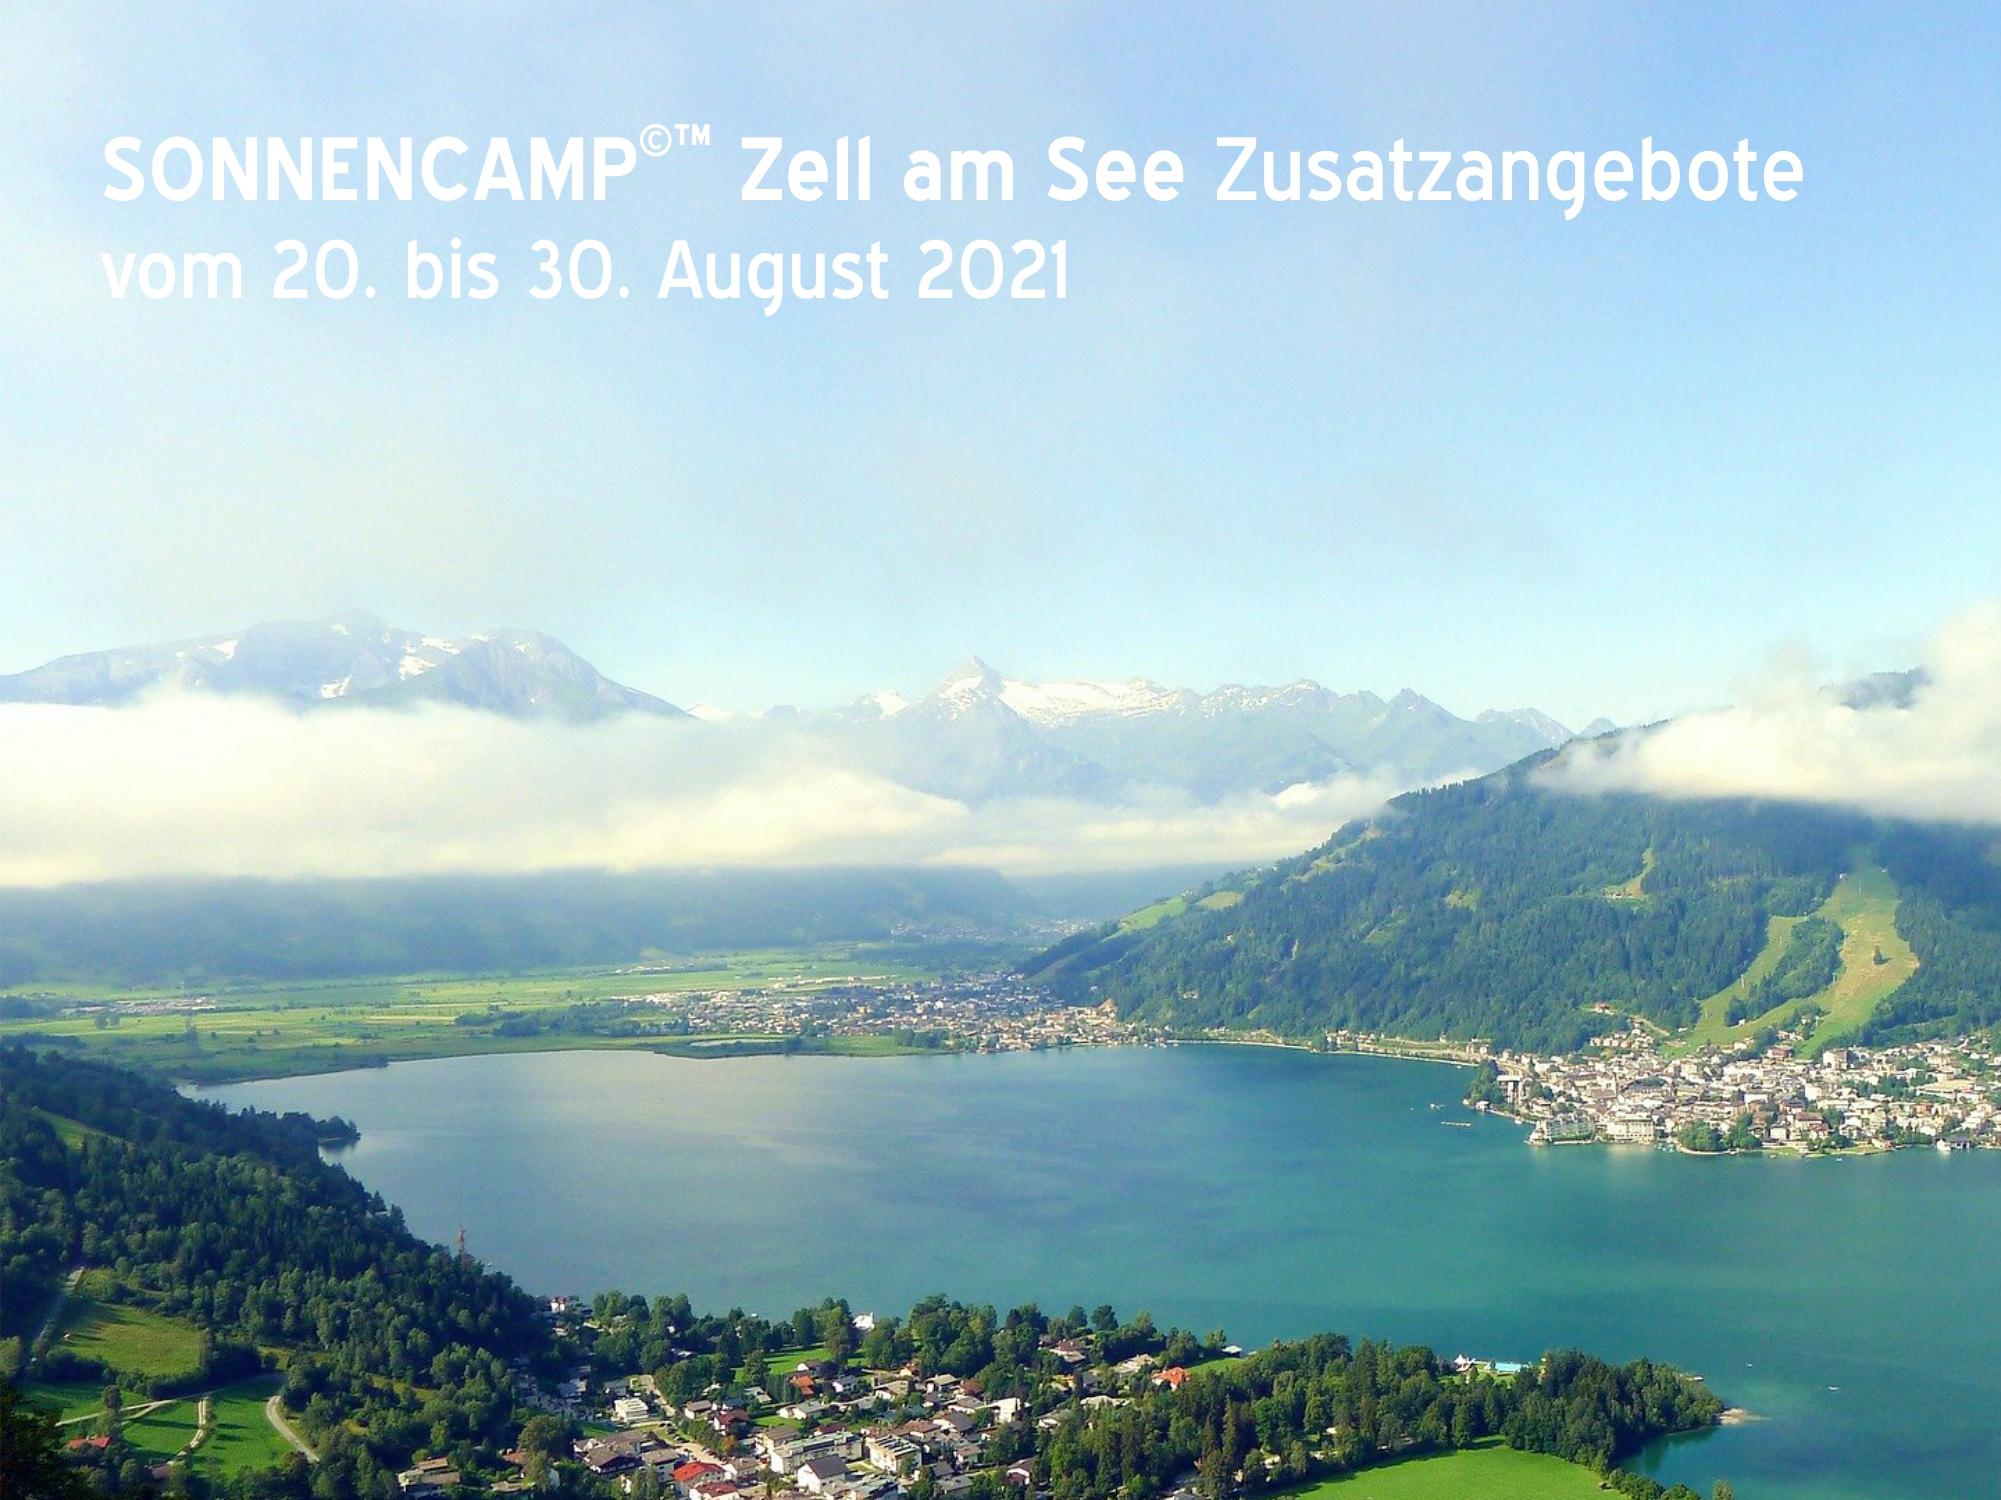 SONNENCAMP©™ Zell am See - Zusatzangebote   Teamabend